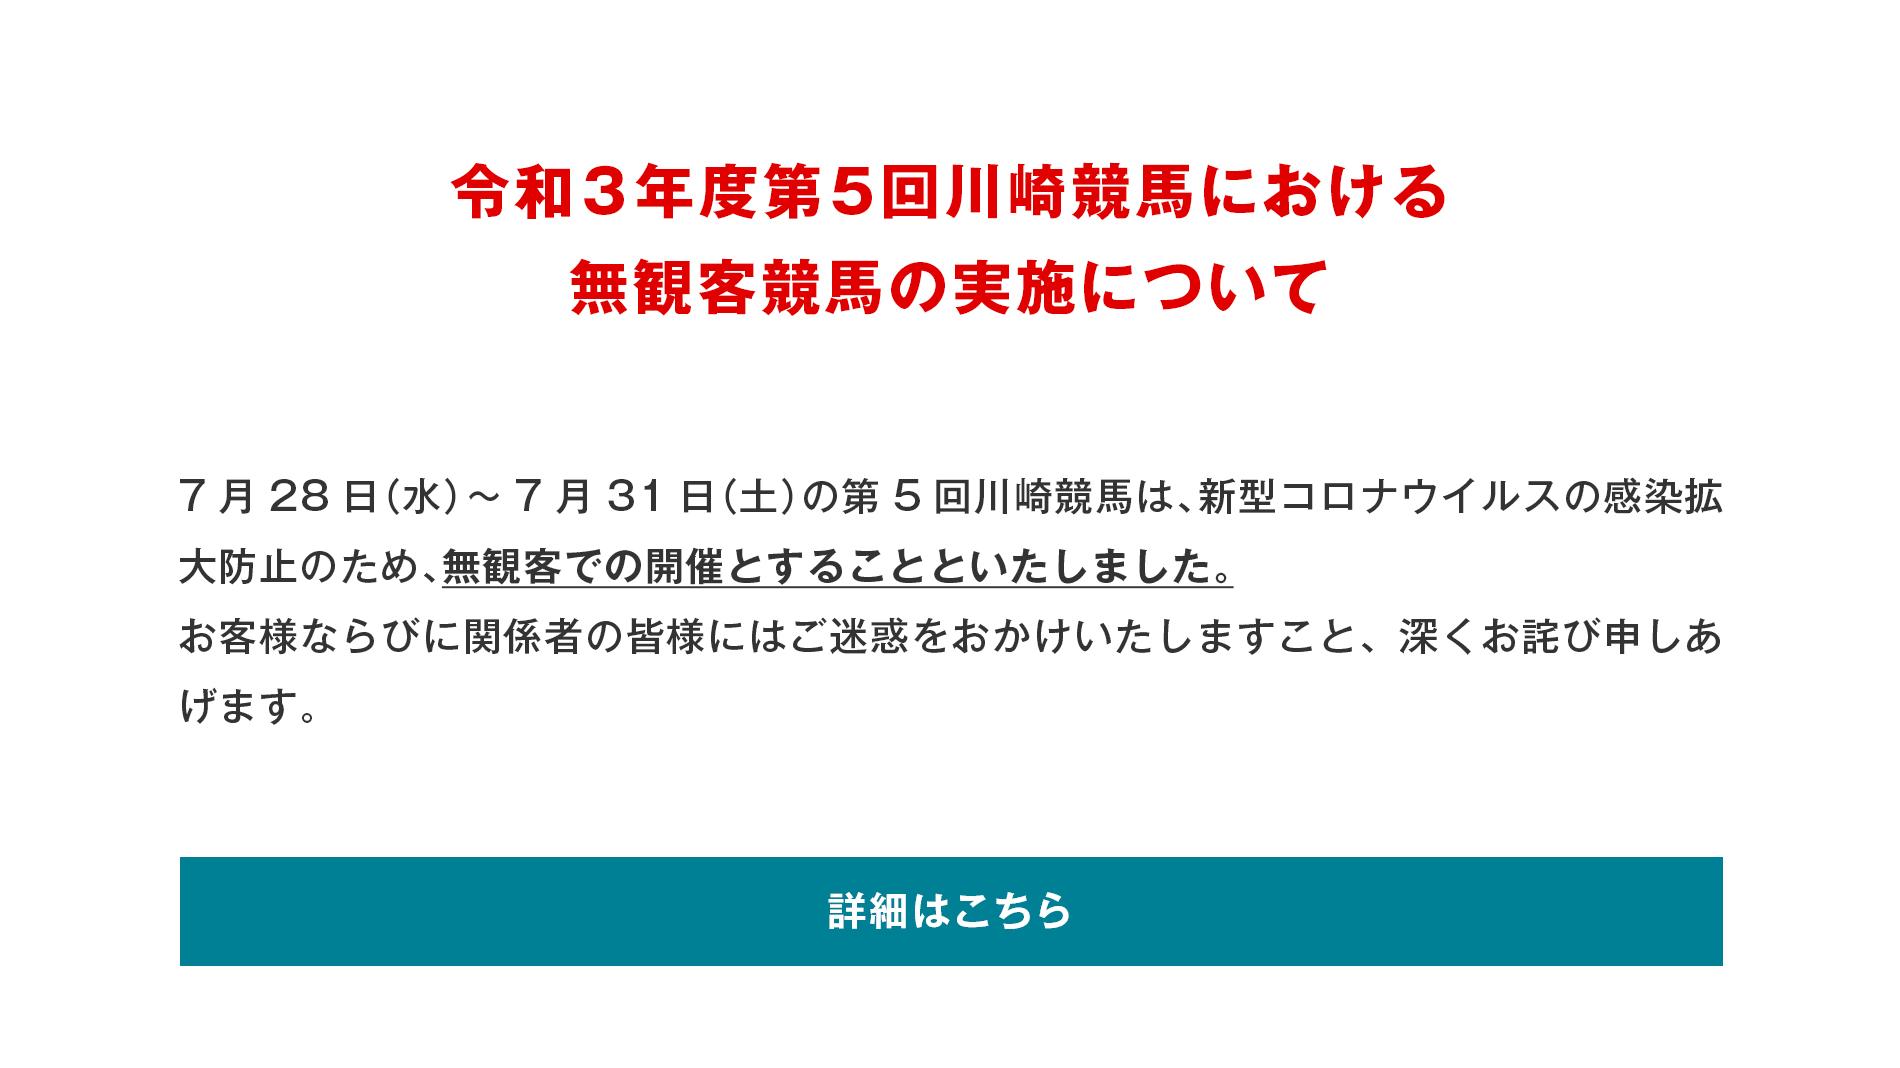 令和3年度第5回川崎競馬における無観客競馬の実施について